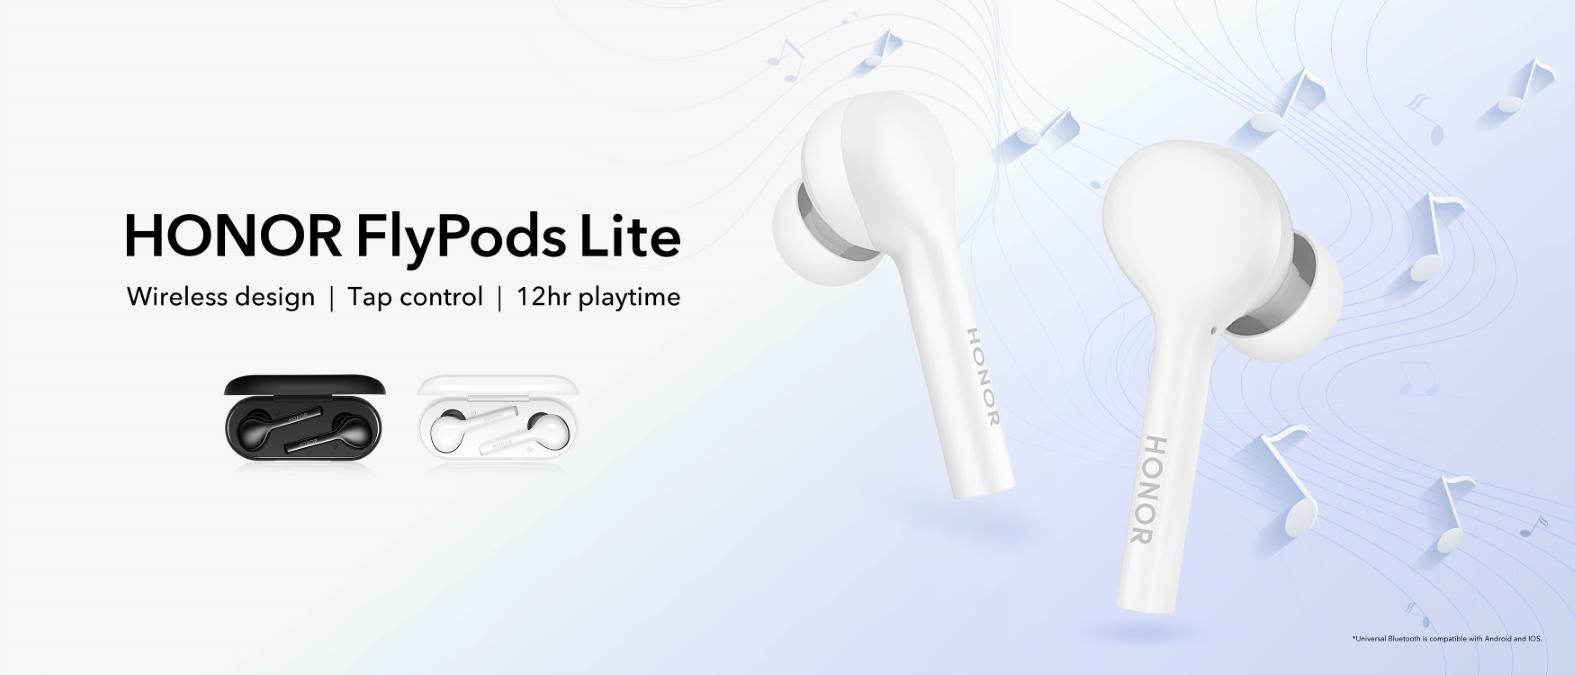 Безжичните слушалки HONOR FlyPods Lite са вече в България